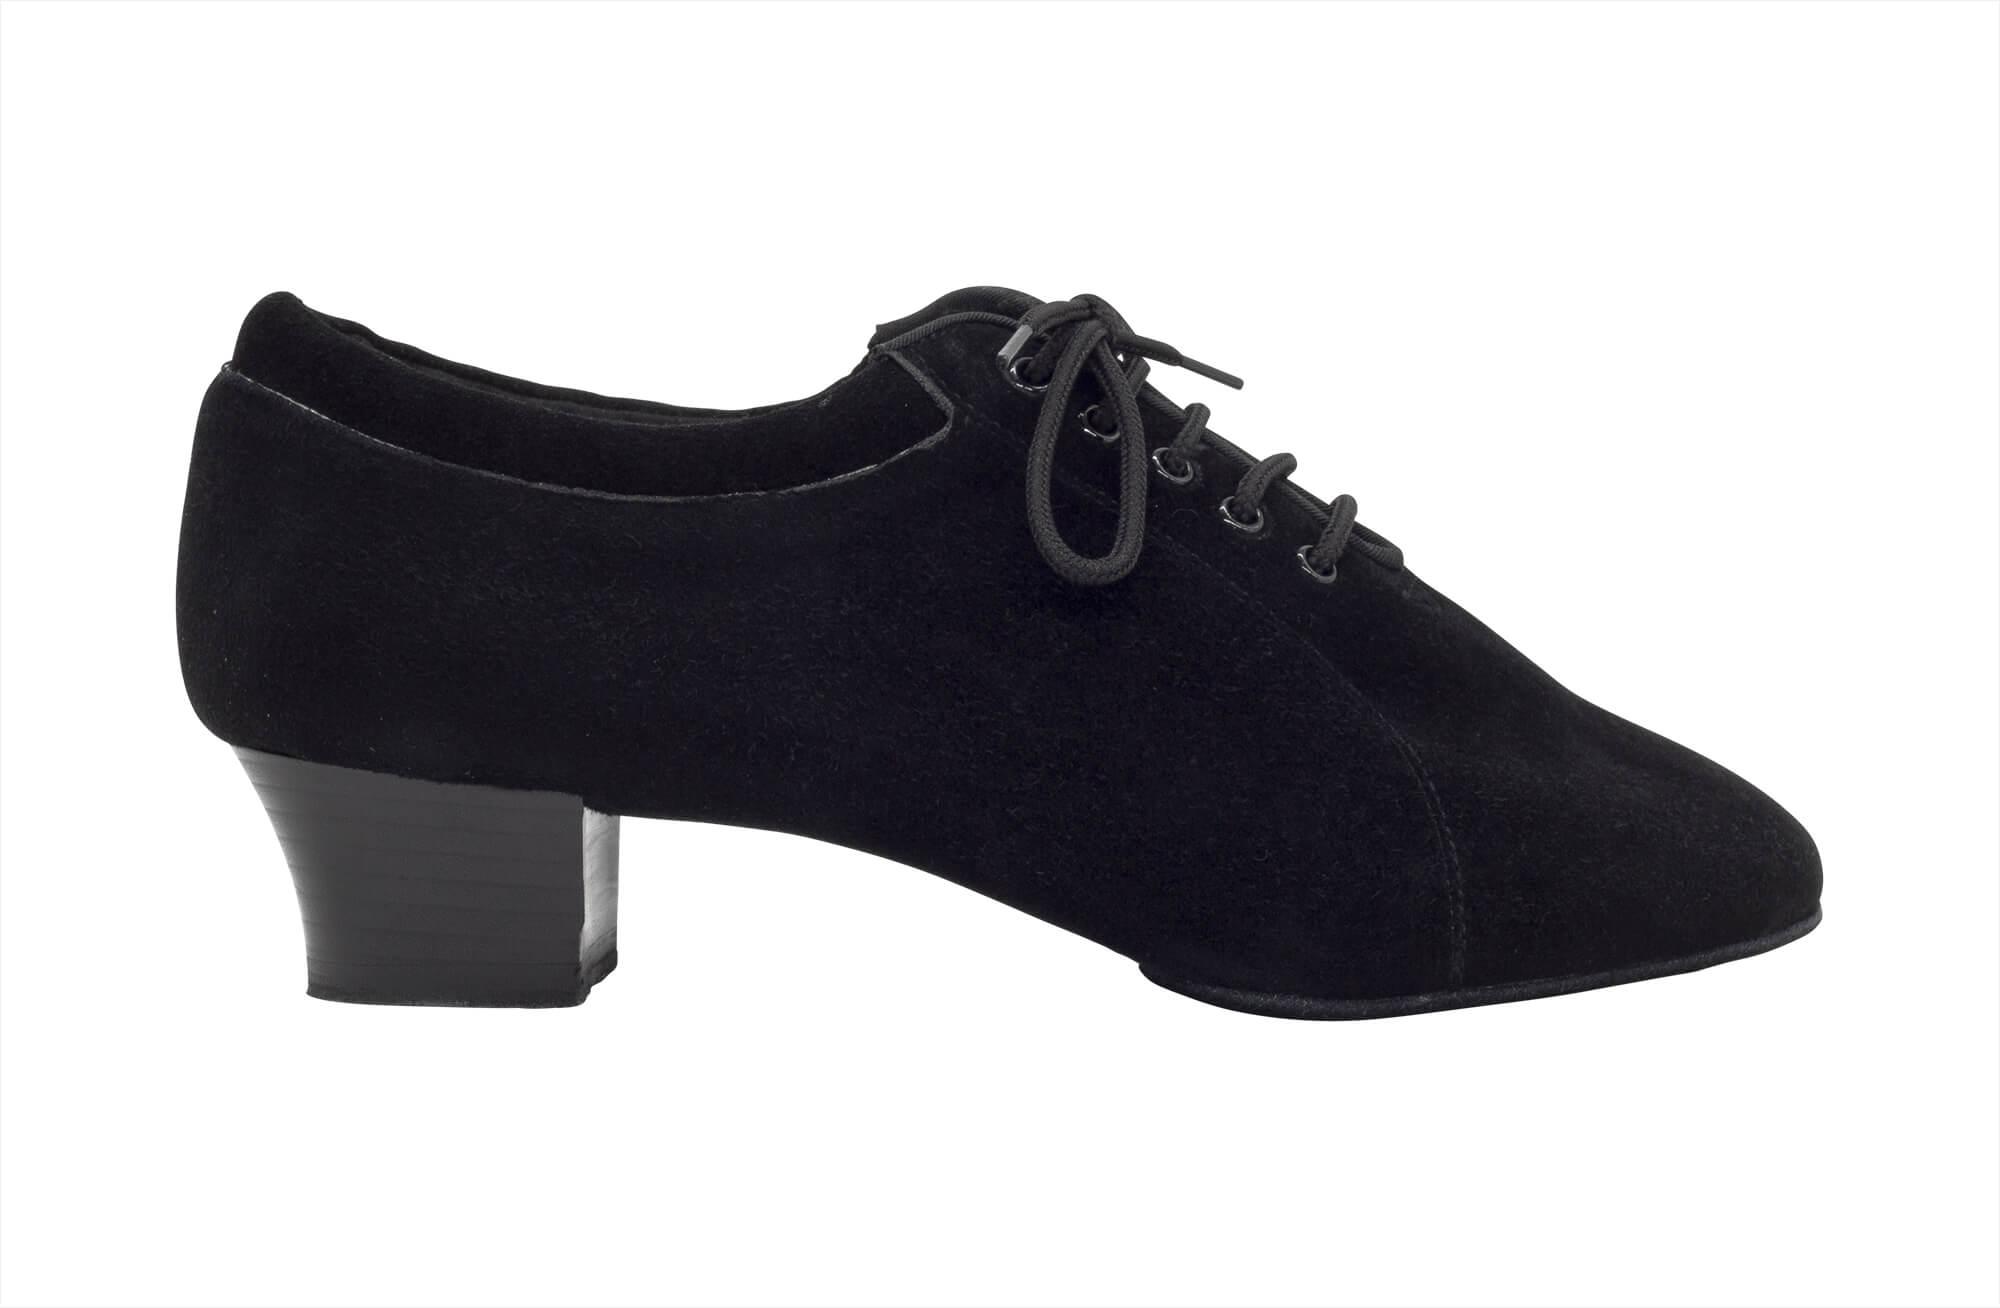 Scarpa da ballo professionale suola spezzata in nabuk nero tacco 4 cm